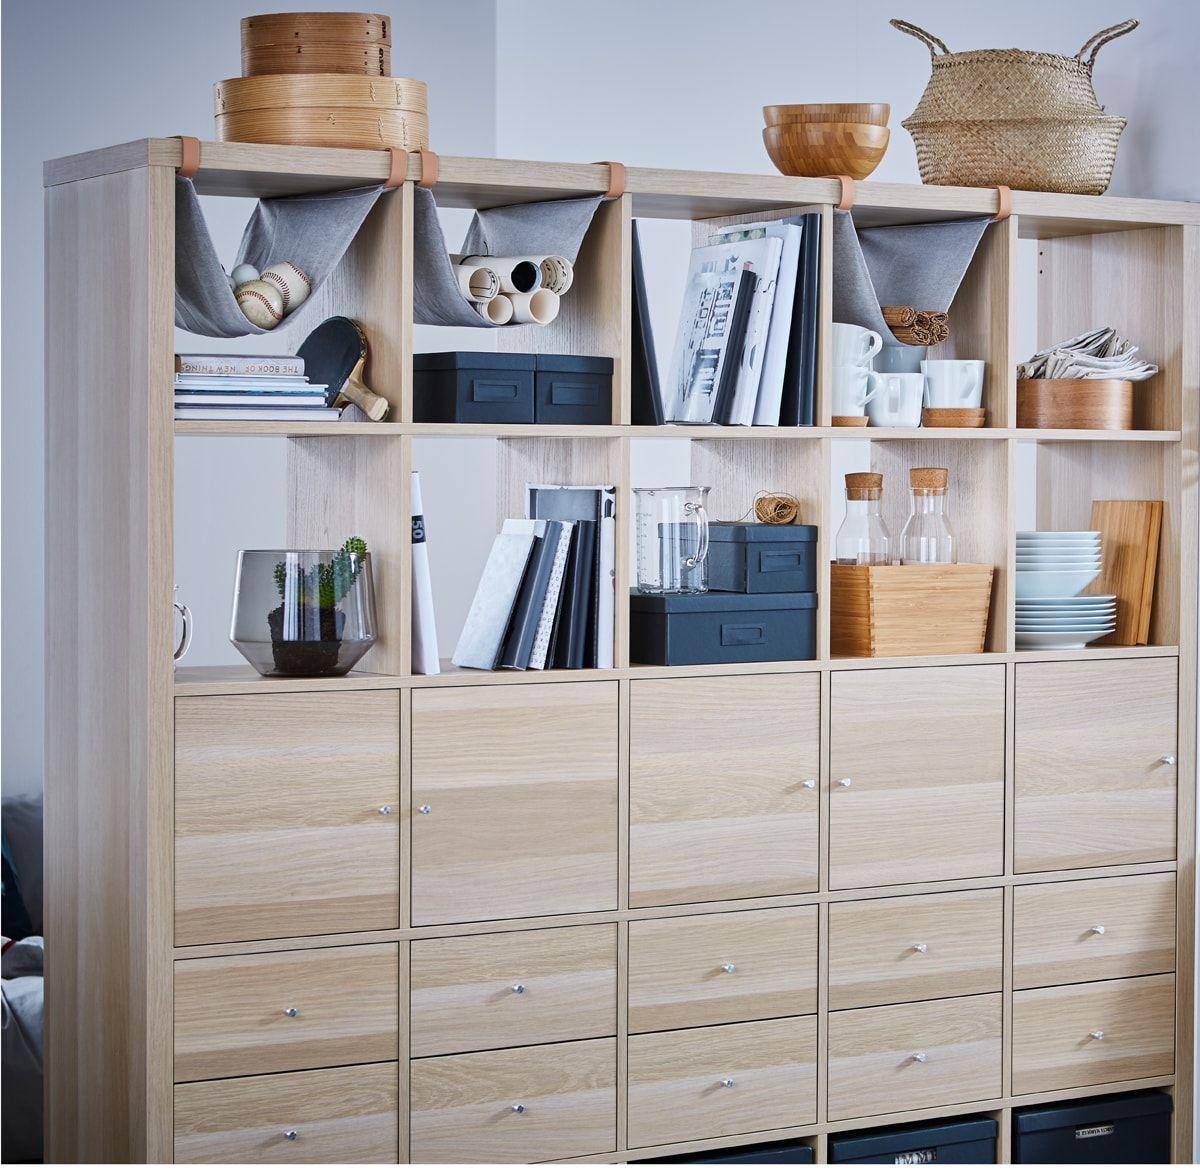 Unser Ikea Kallax Regal Mit 10 Einsatzen Eicheneffekt Weiss Lasiert Lasst Sich Als Raumteiler Mit Of Raumteiler Ideen Diy Ikea Kallax Regal Kleine Wohnung Tipps